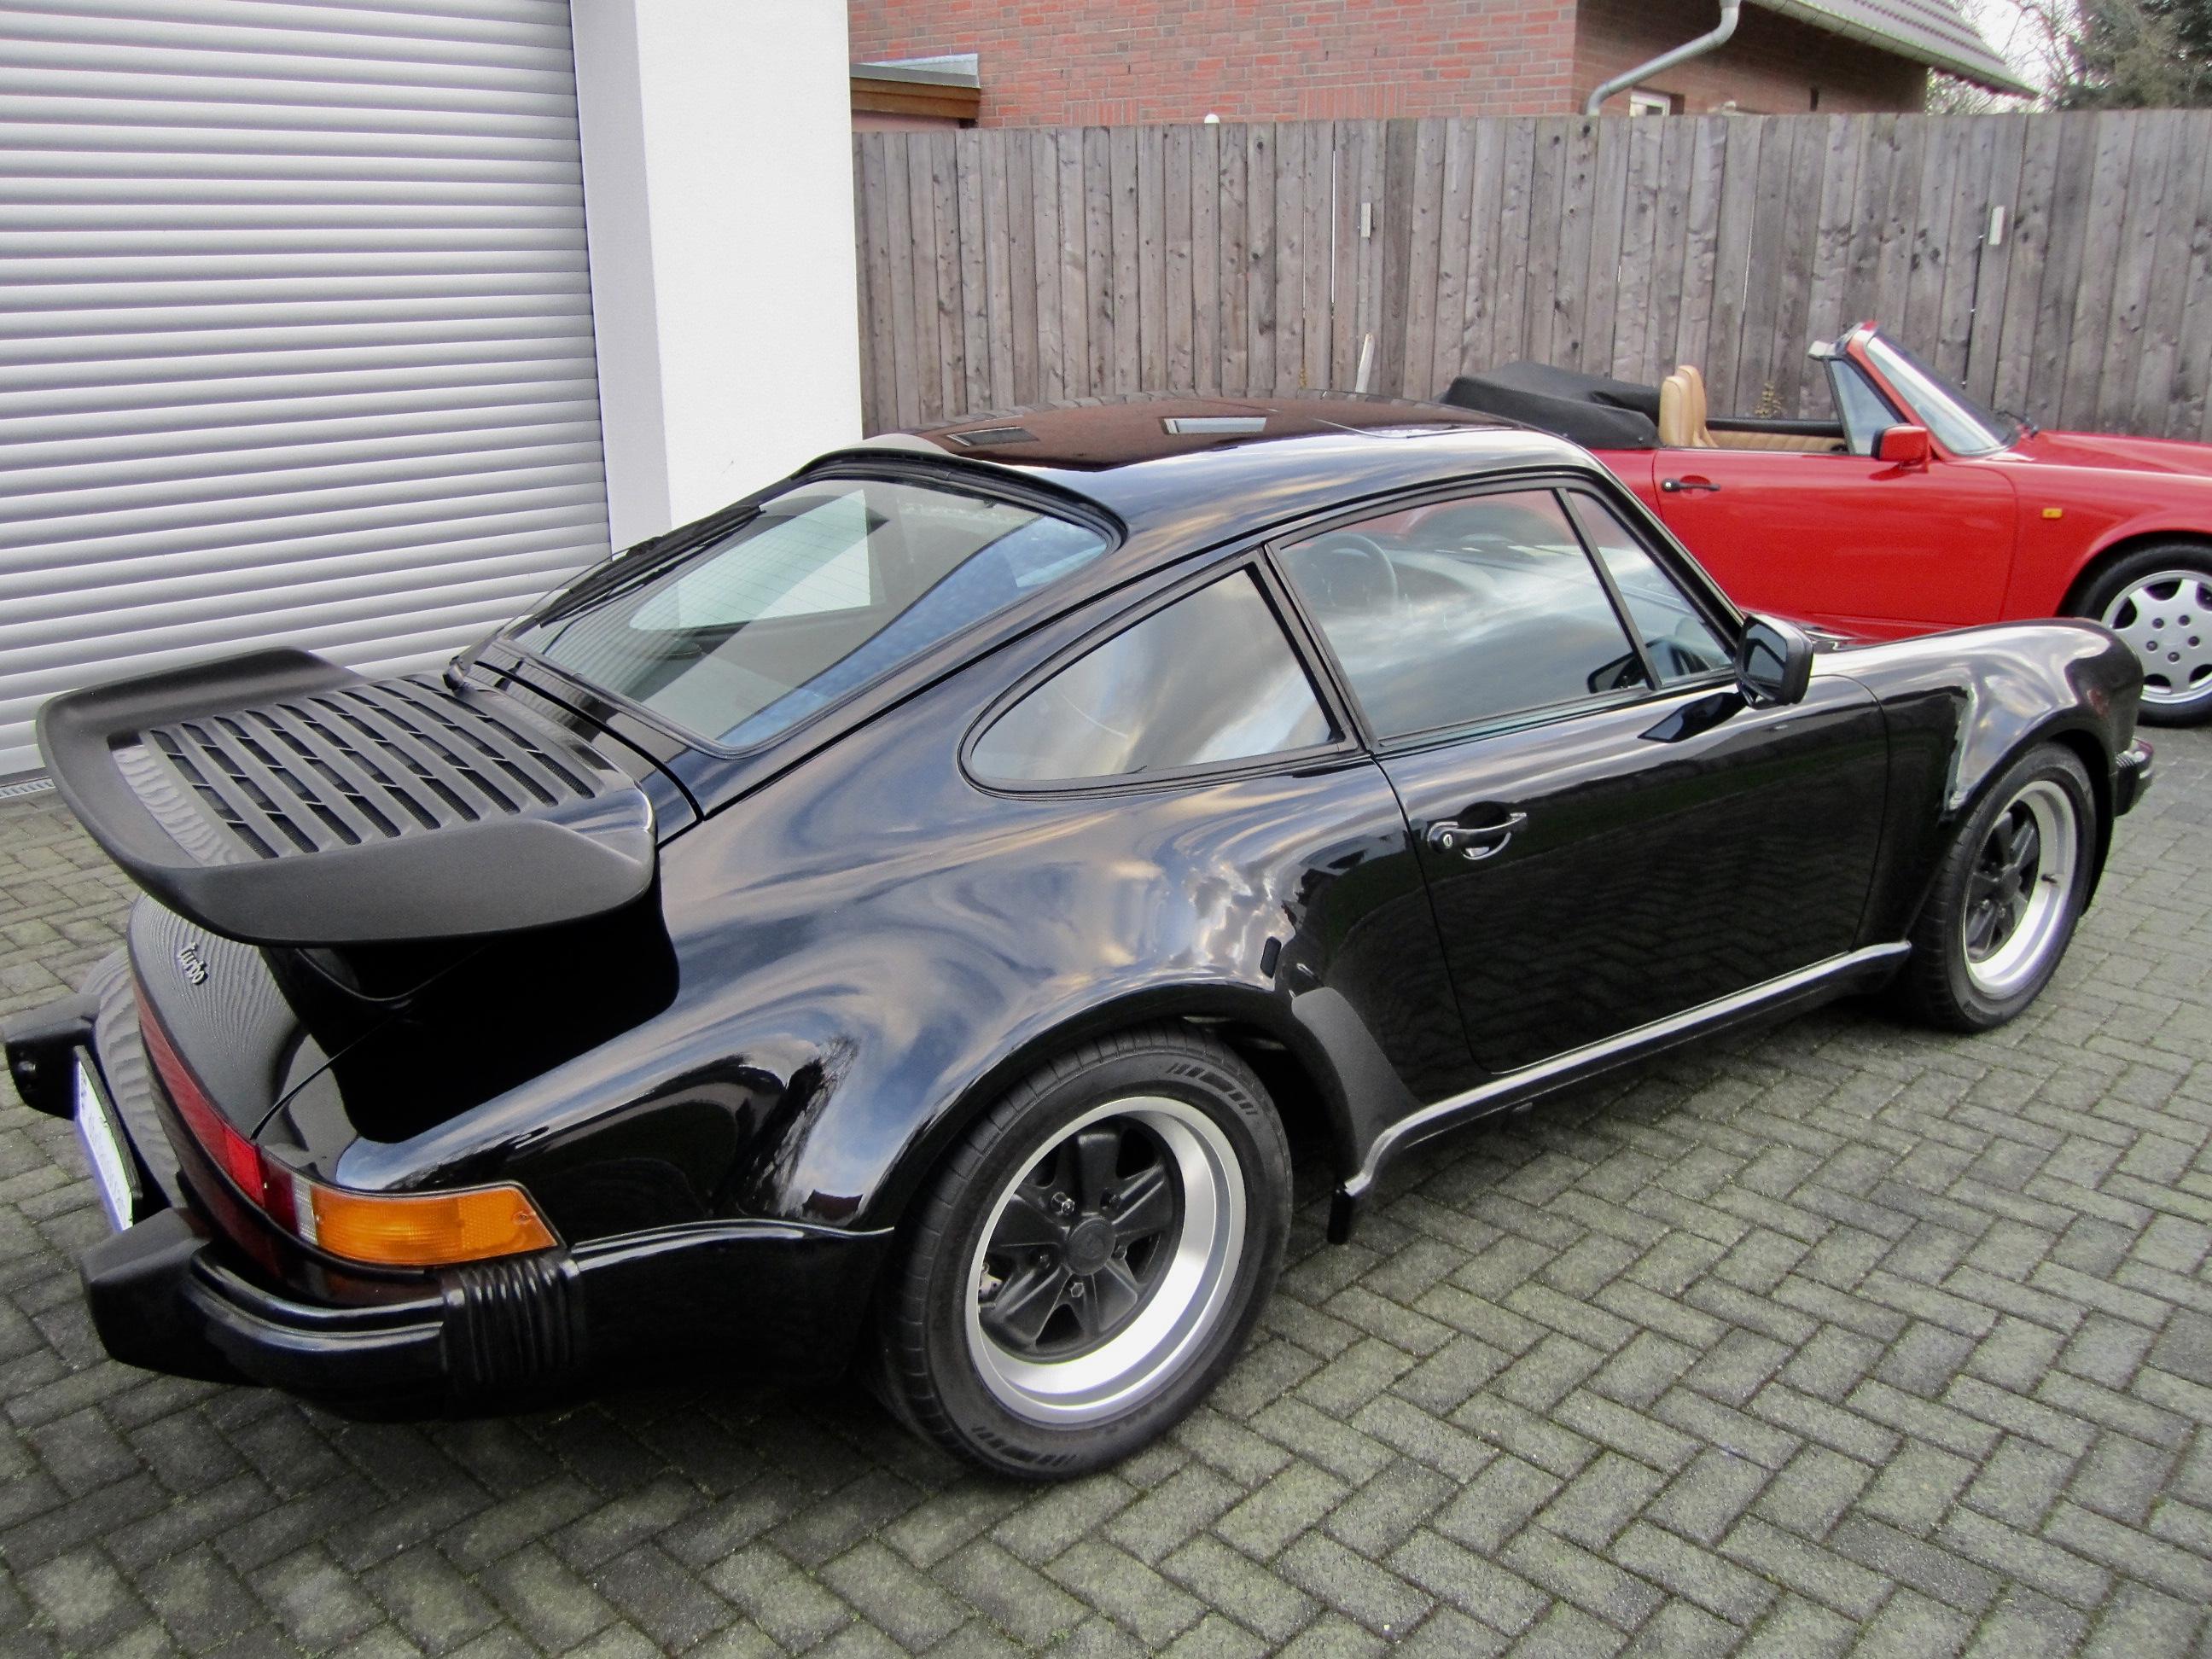 Porsche 930 911 Turbo Wls Classic Data 2 Verkauft 930 Turbo